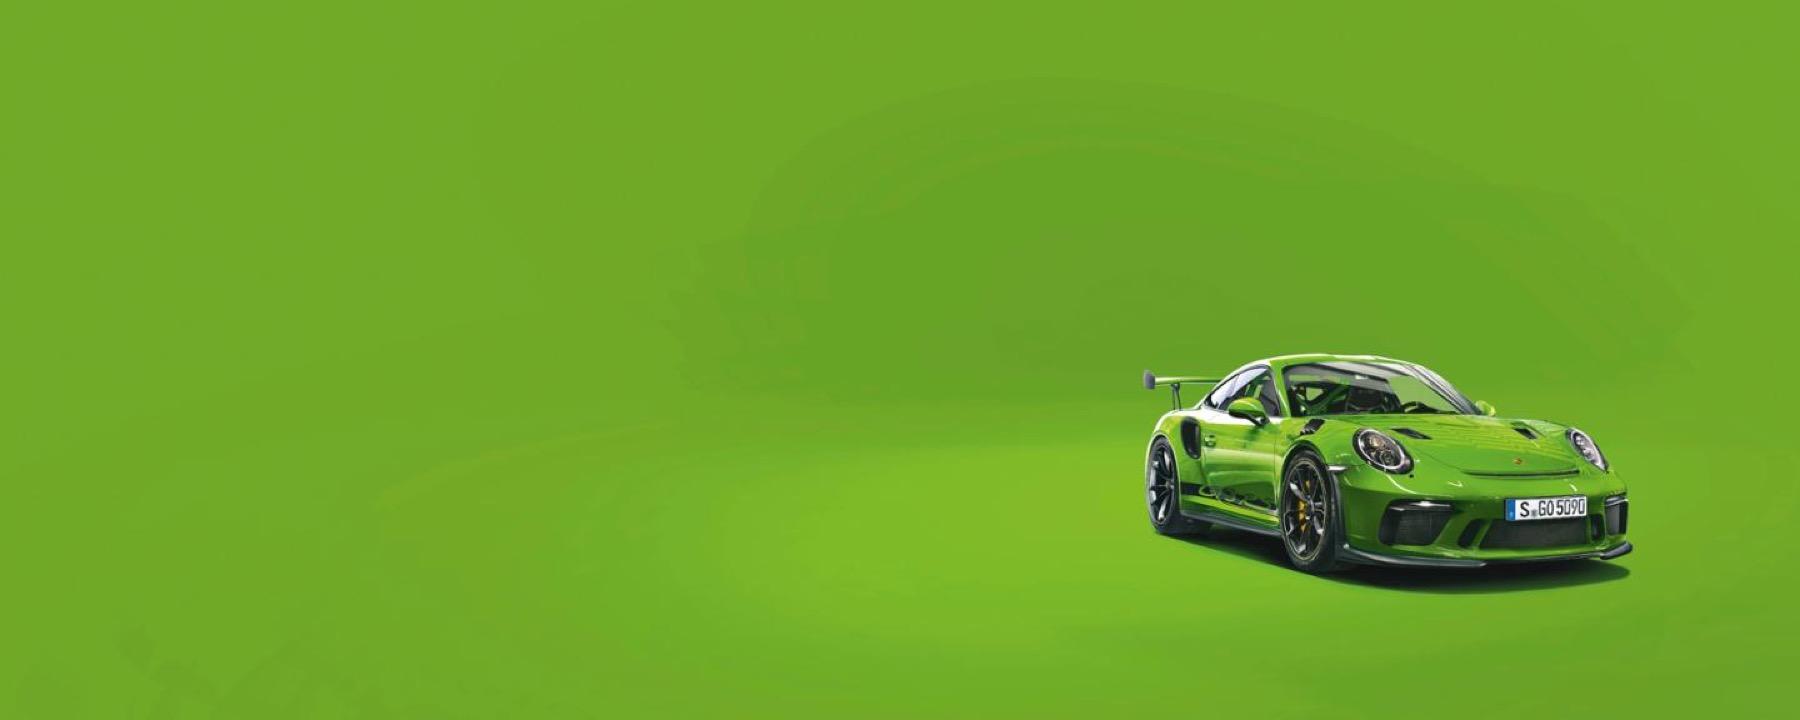 Porsche Feature Image